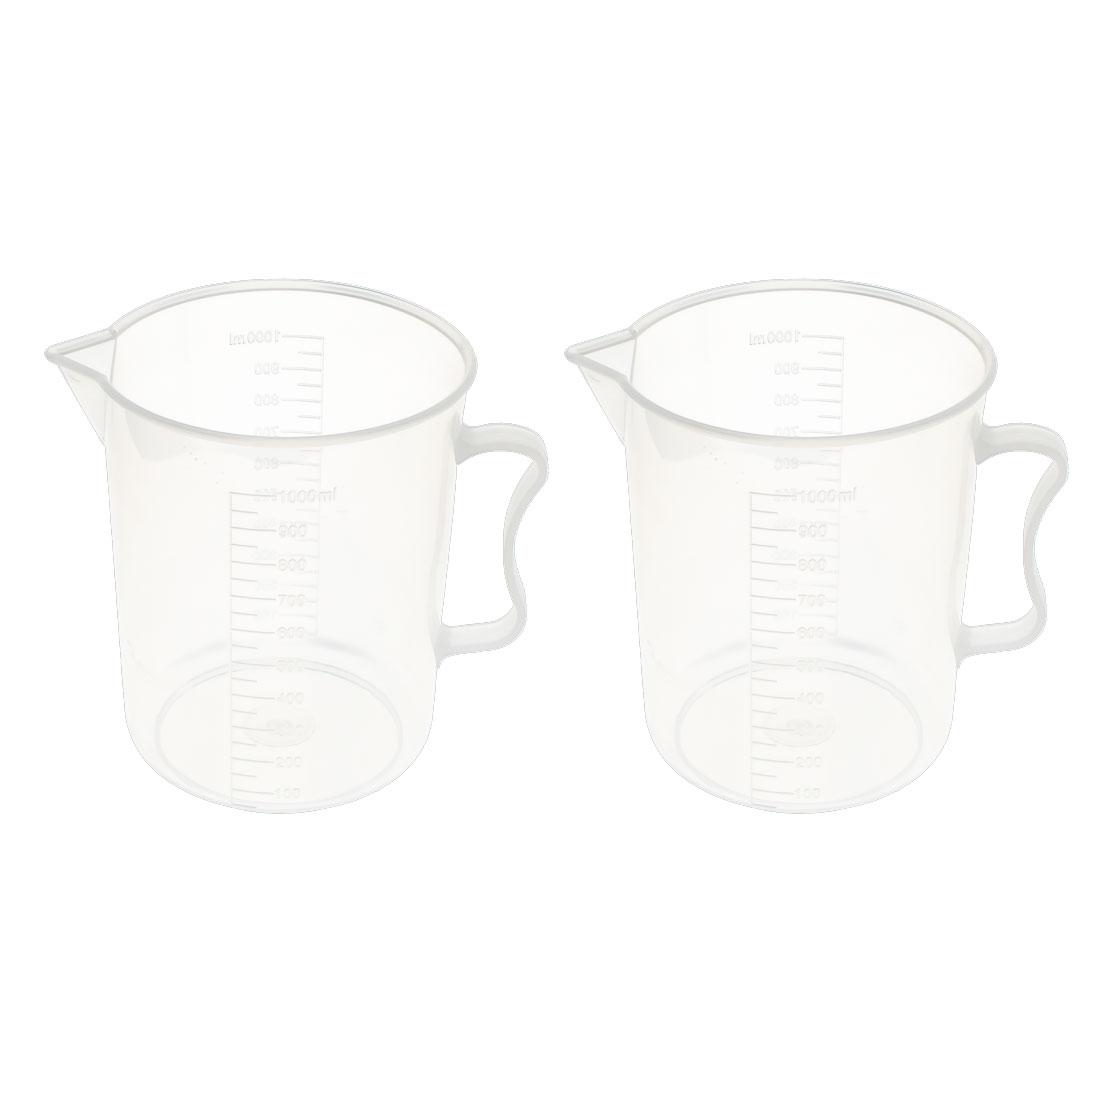 2 Pcs School Laboratory Plastic Water Liquid Container Measuring Beaker 1000ml